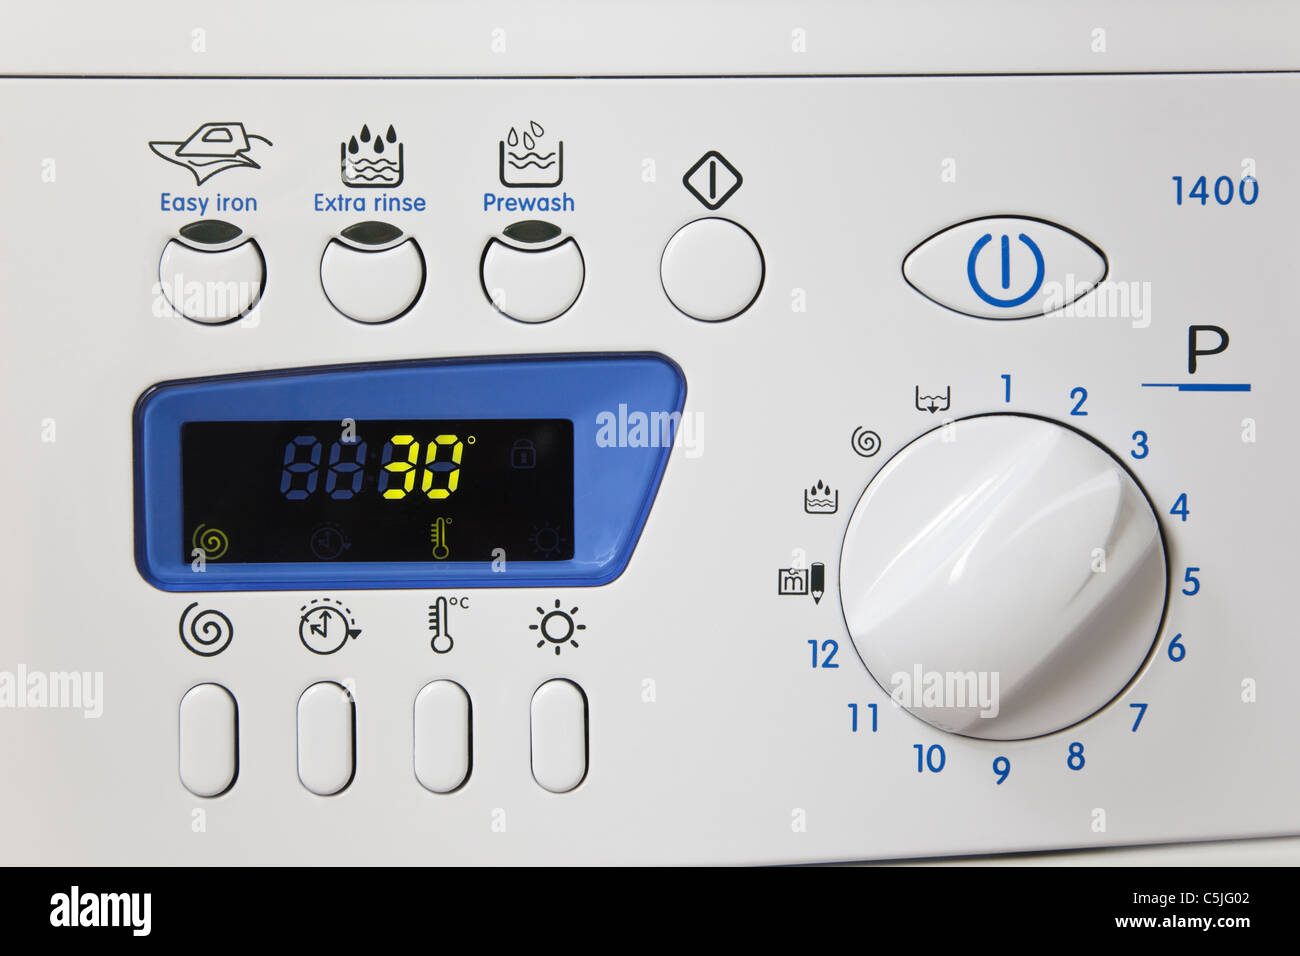 Automatische Waschmaschine Bedienfeld auf eine niedrige Temperatur kühl Waschen von 30 Grad vor ein pflegeleicht Stockbild